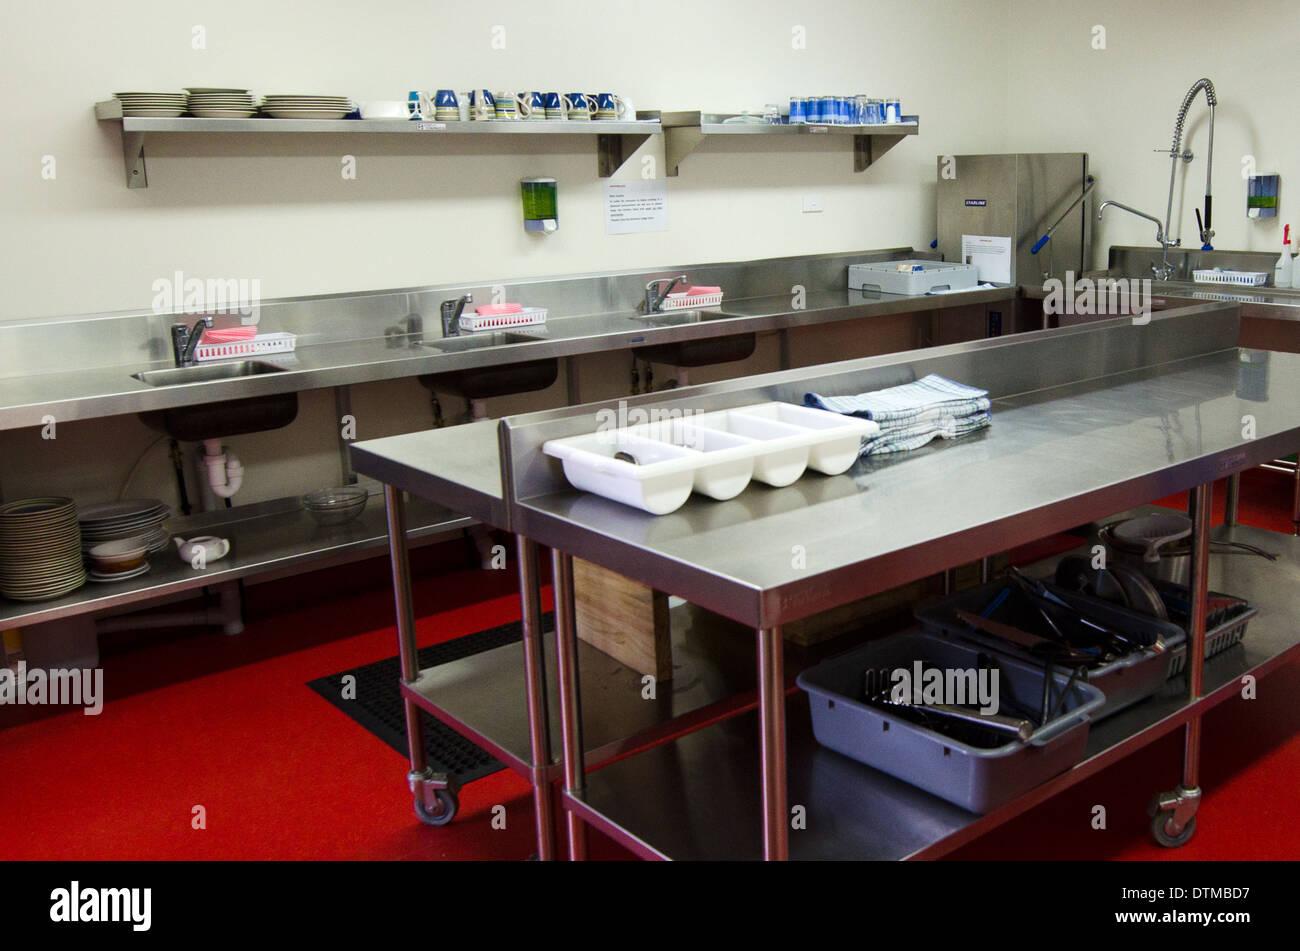 La superficie di lavoro e attrezzature di cucina in cucina